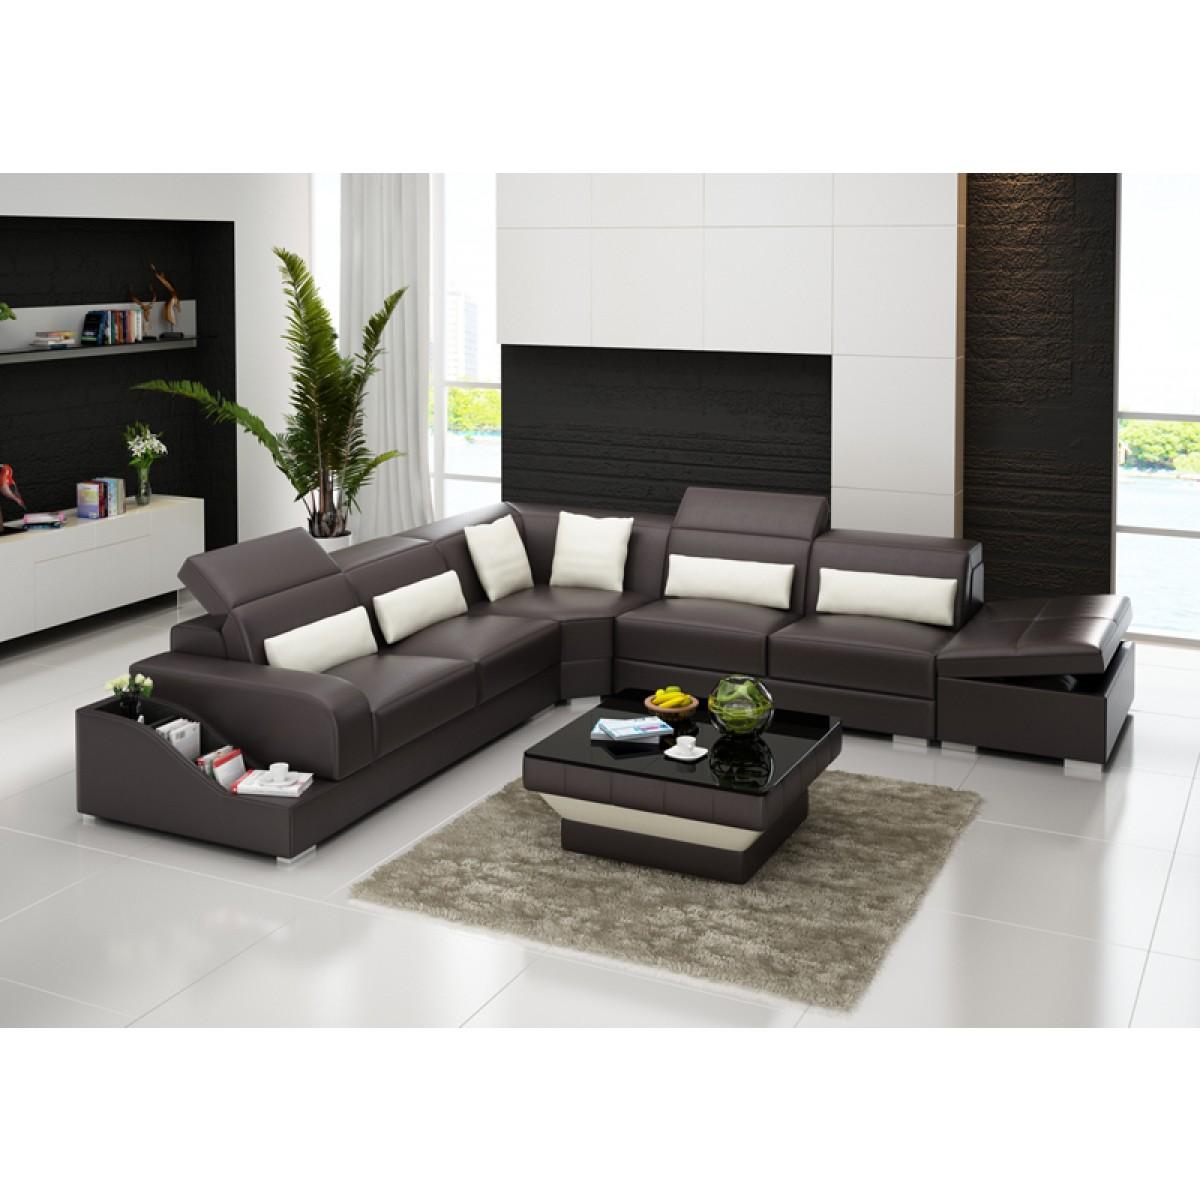 grand canap d 39 angle en cuir pleine fleur jazz coffre int gr pop. Black Bedroom Furniture Sets. Home Design Ideas